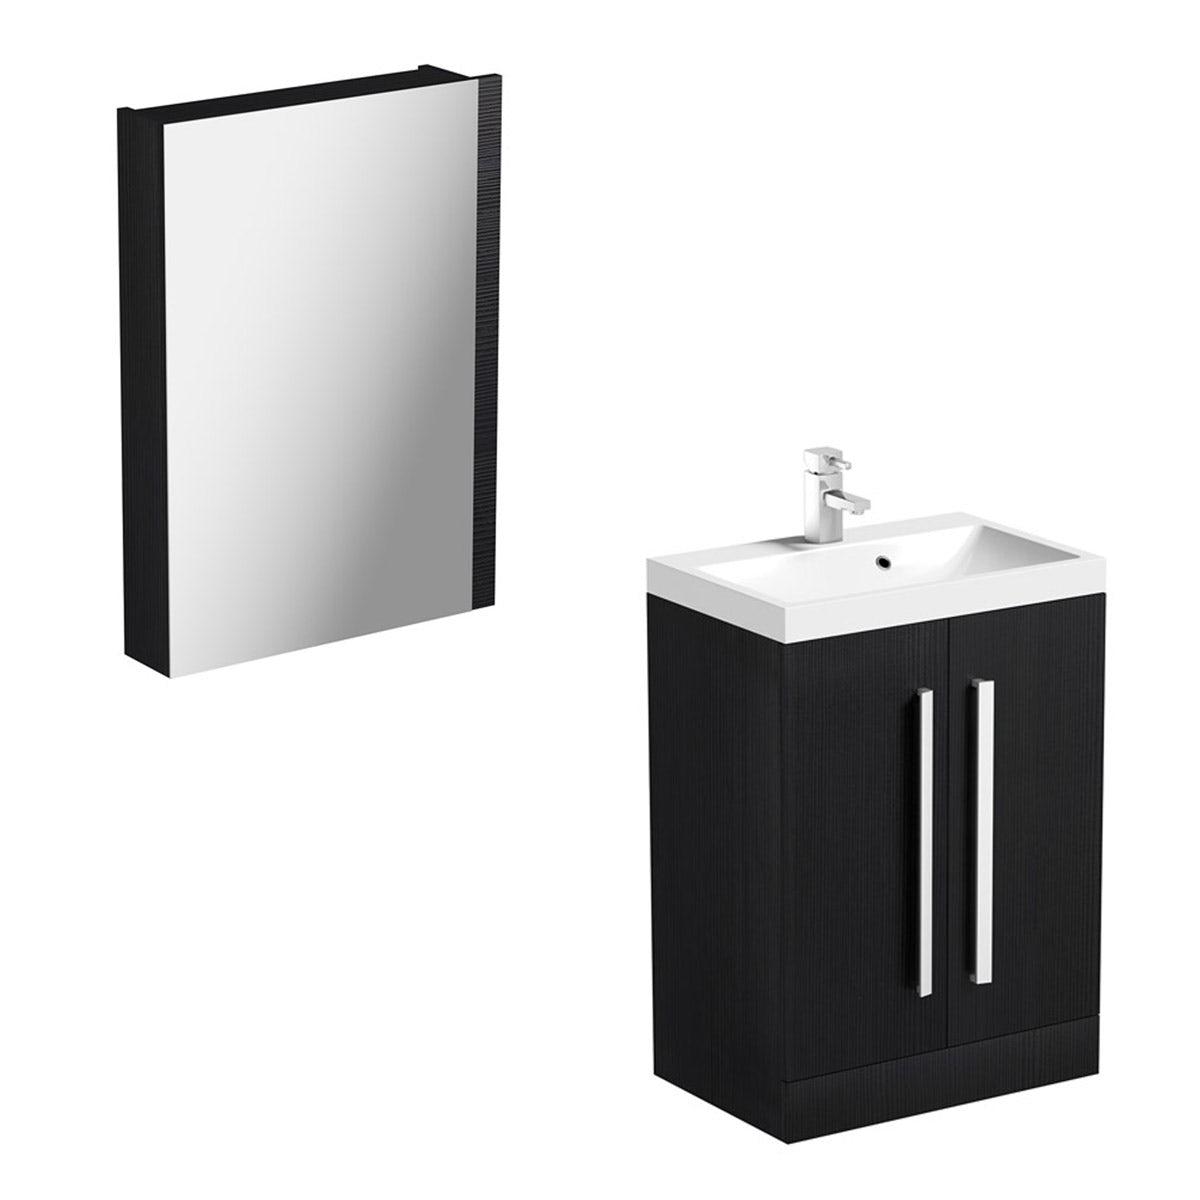 Arden Essen Vanity Unit With Basin & Mirror - 600mm - Floor Standing